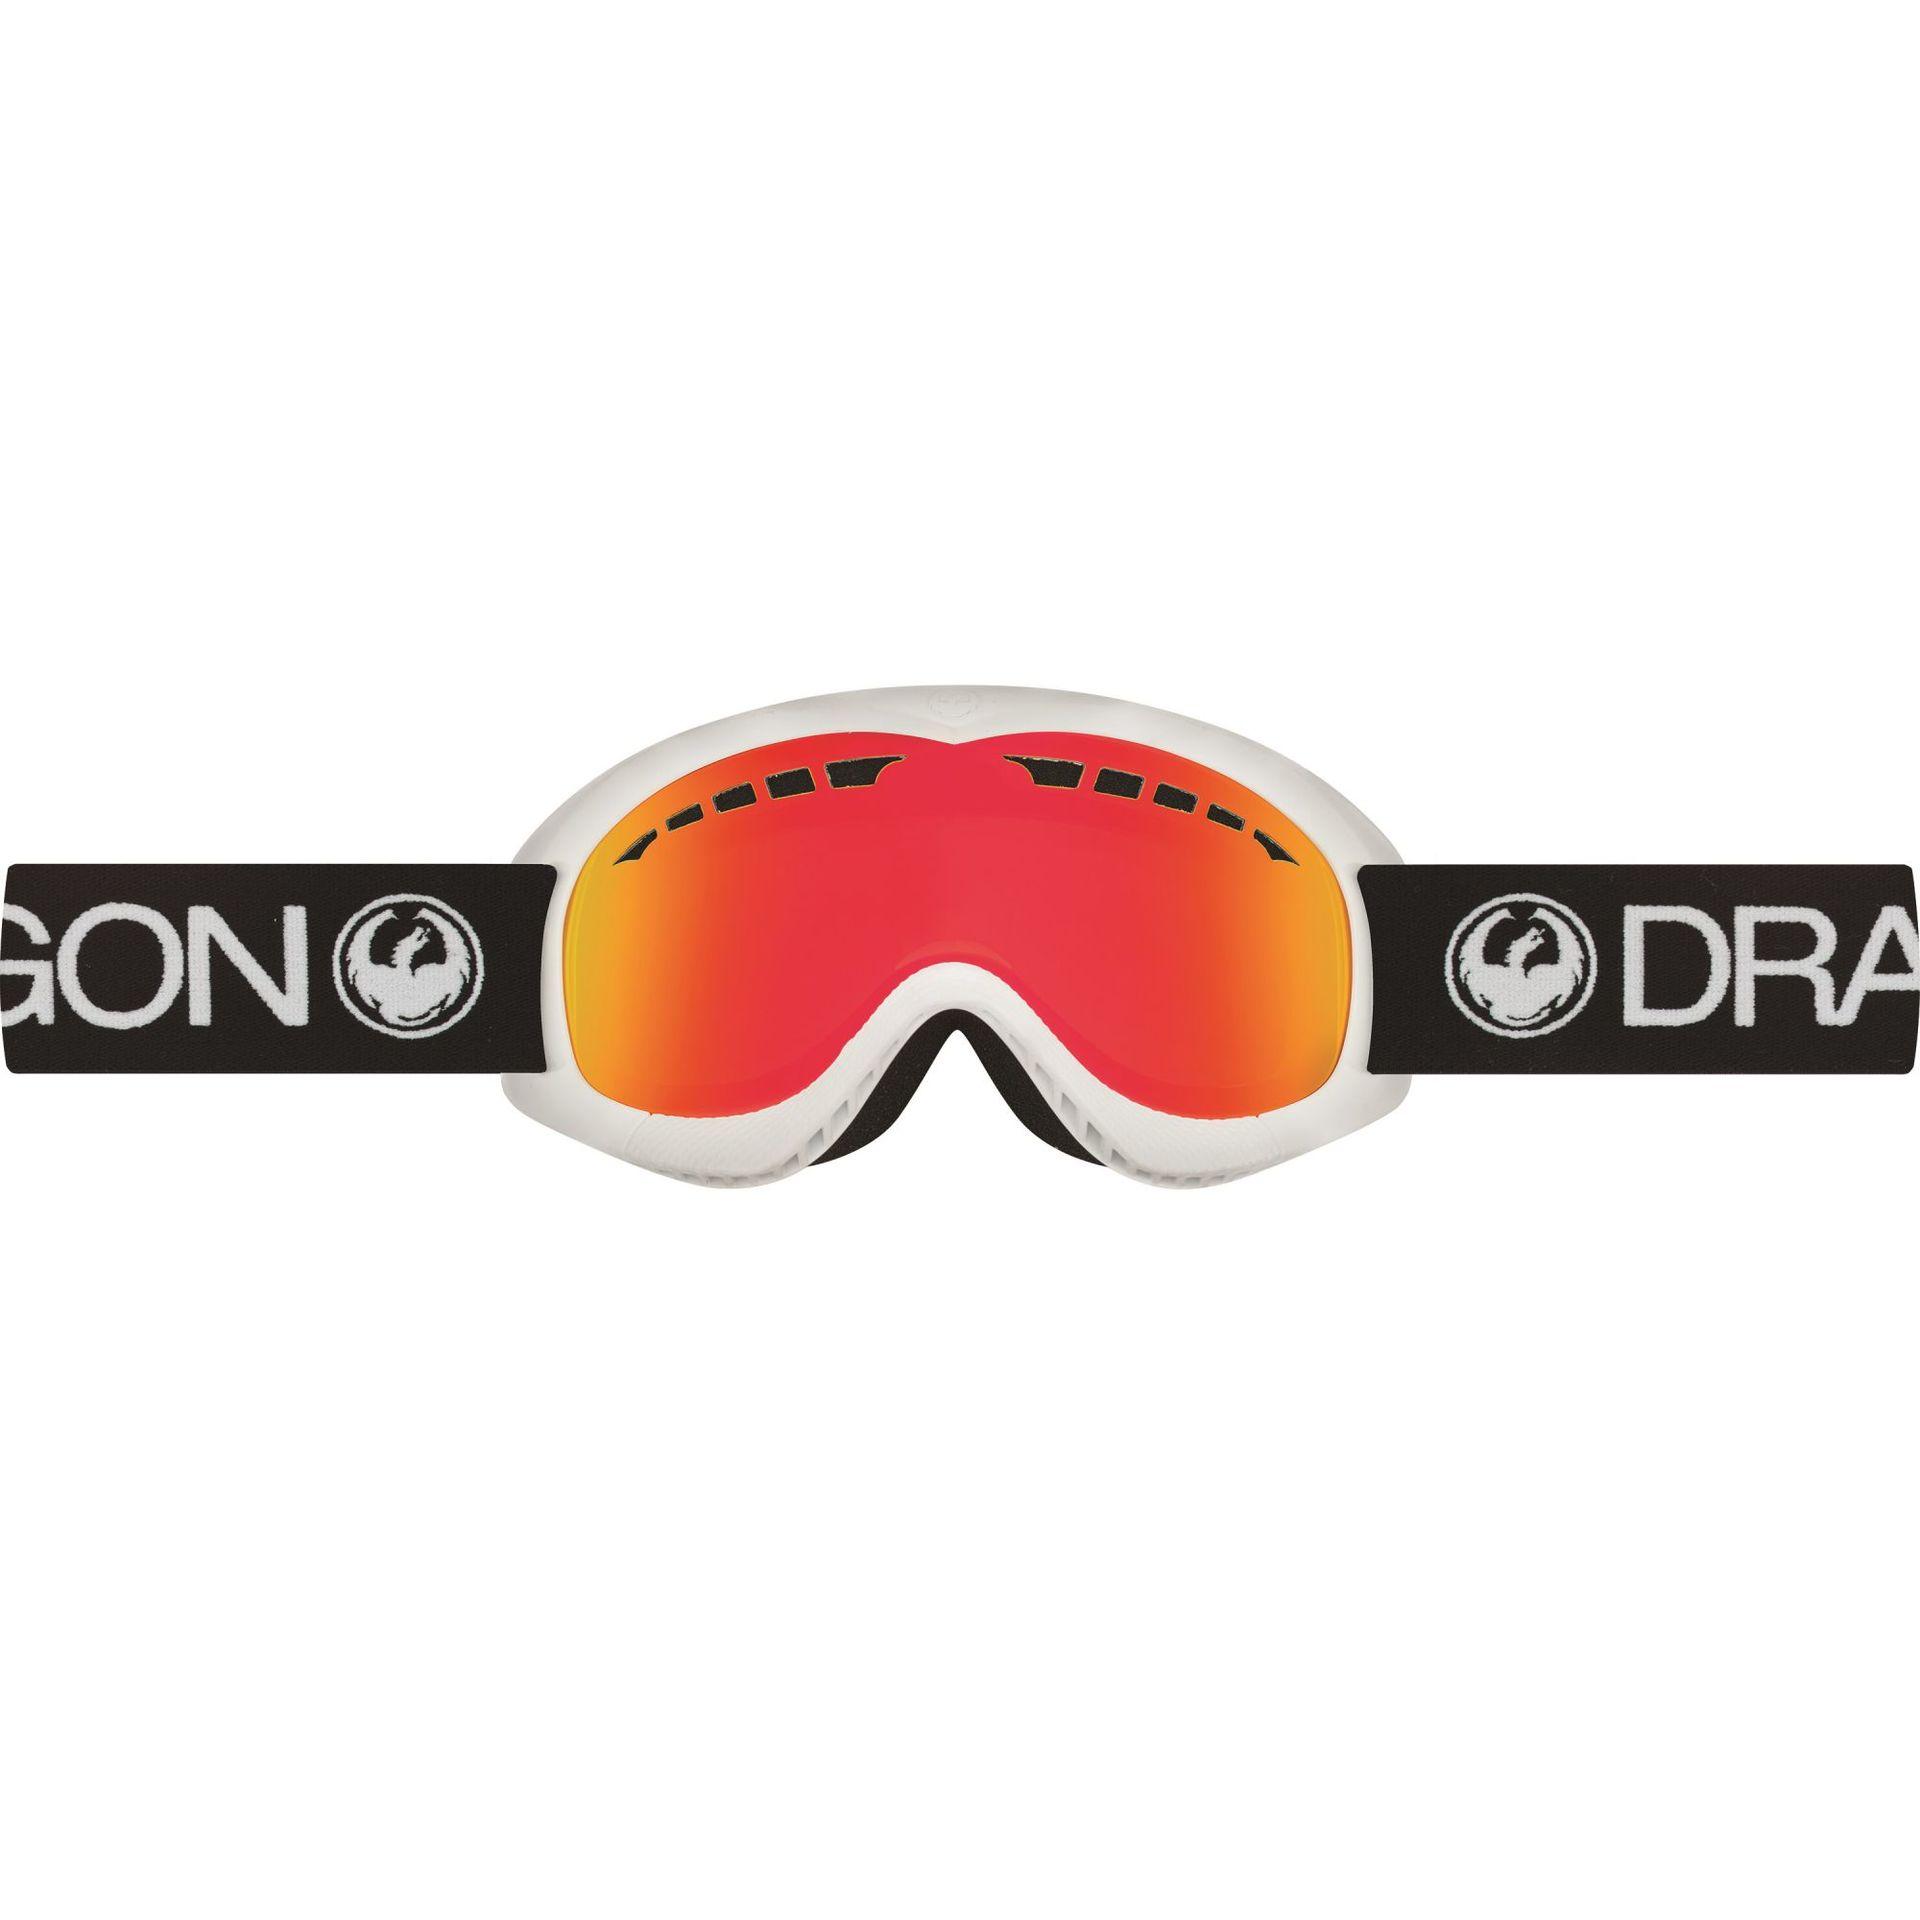 GOGLE DRAGON DXS 4970 1